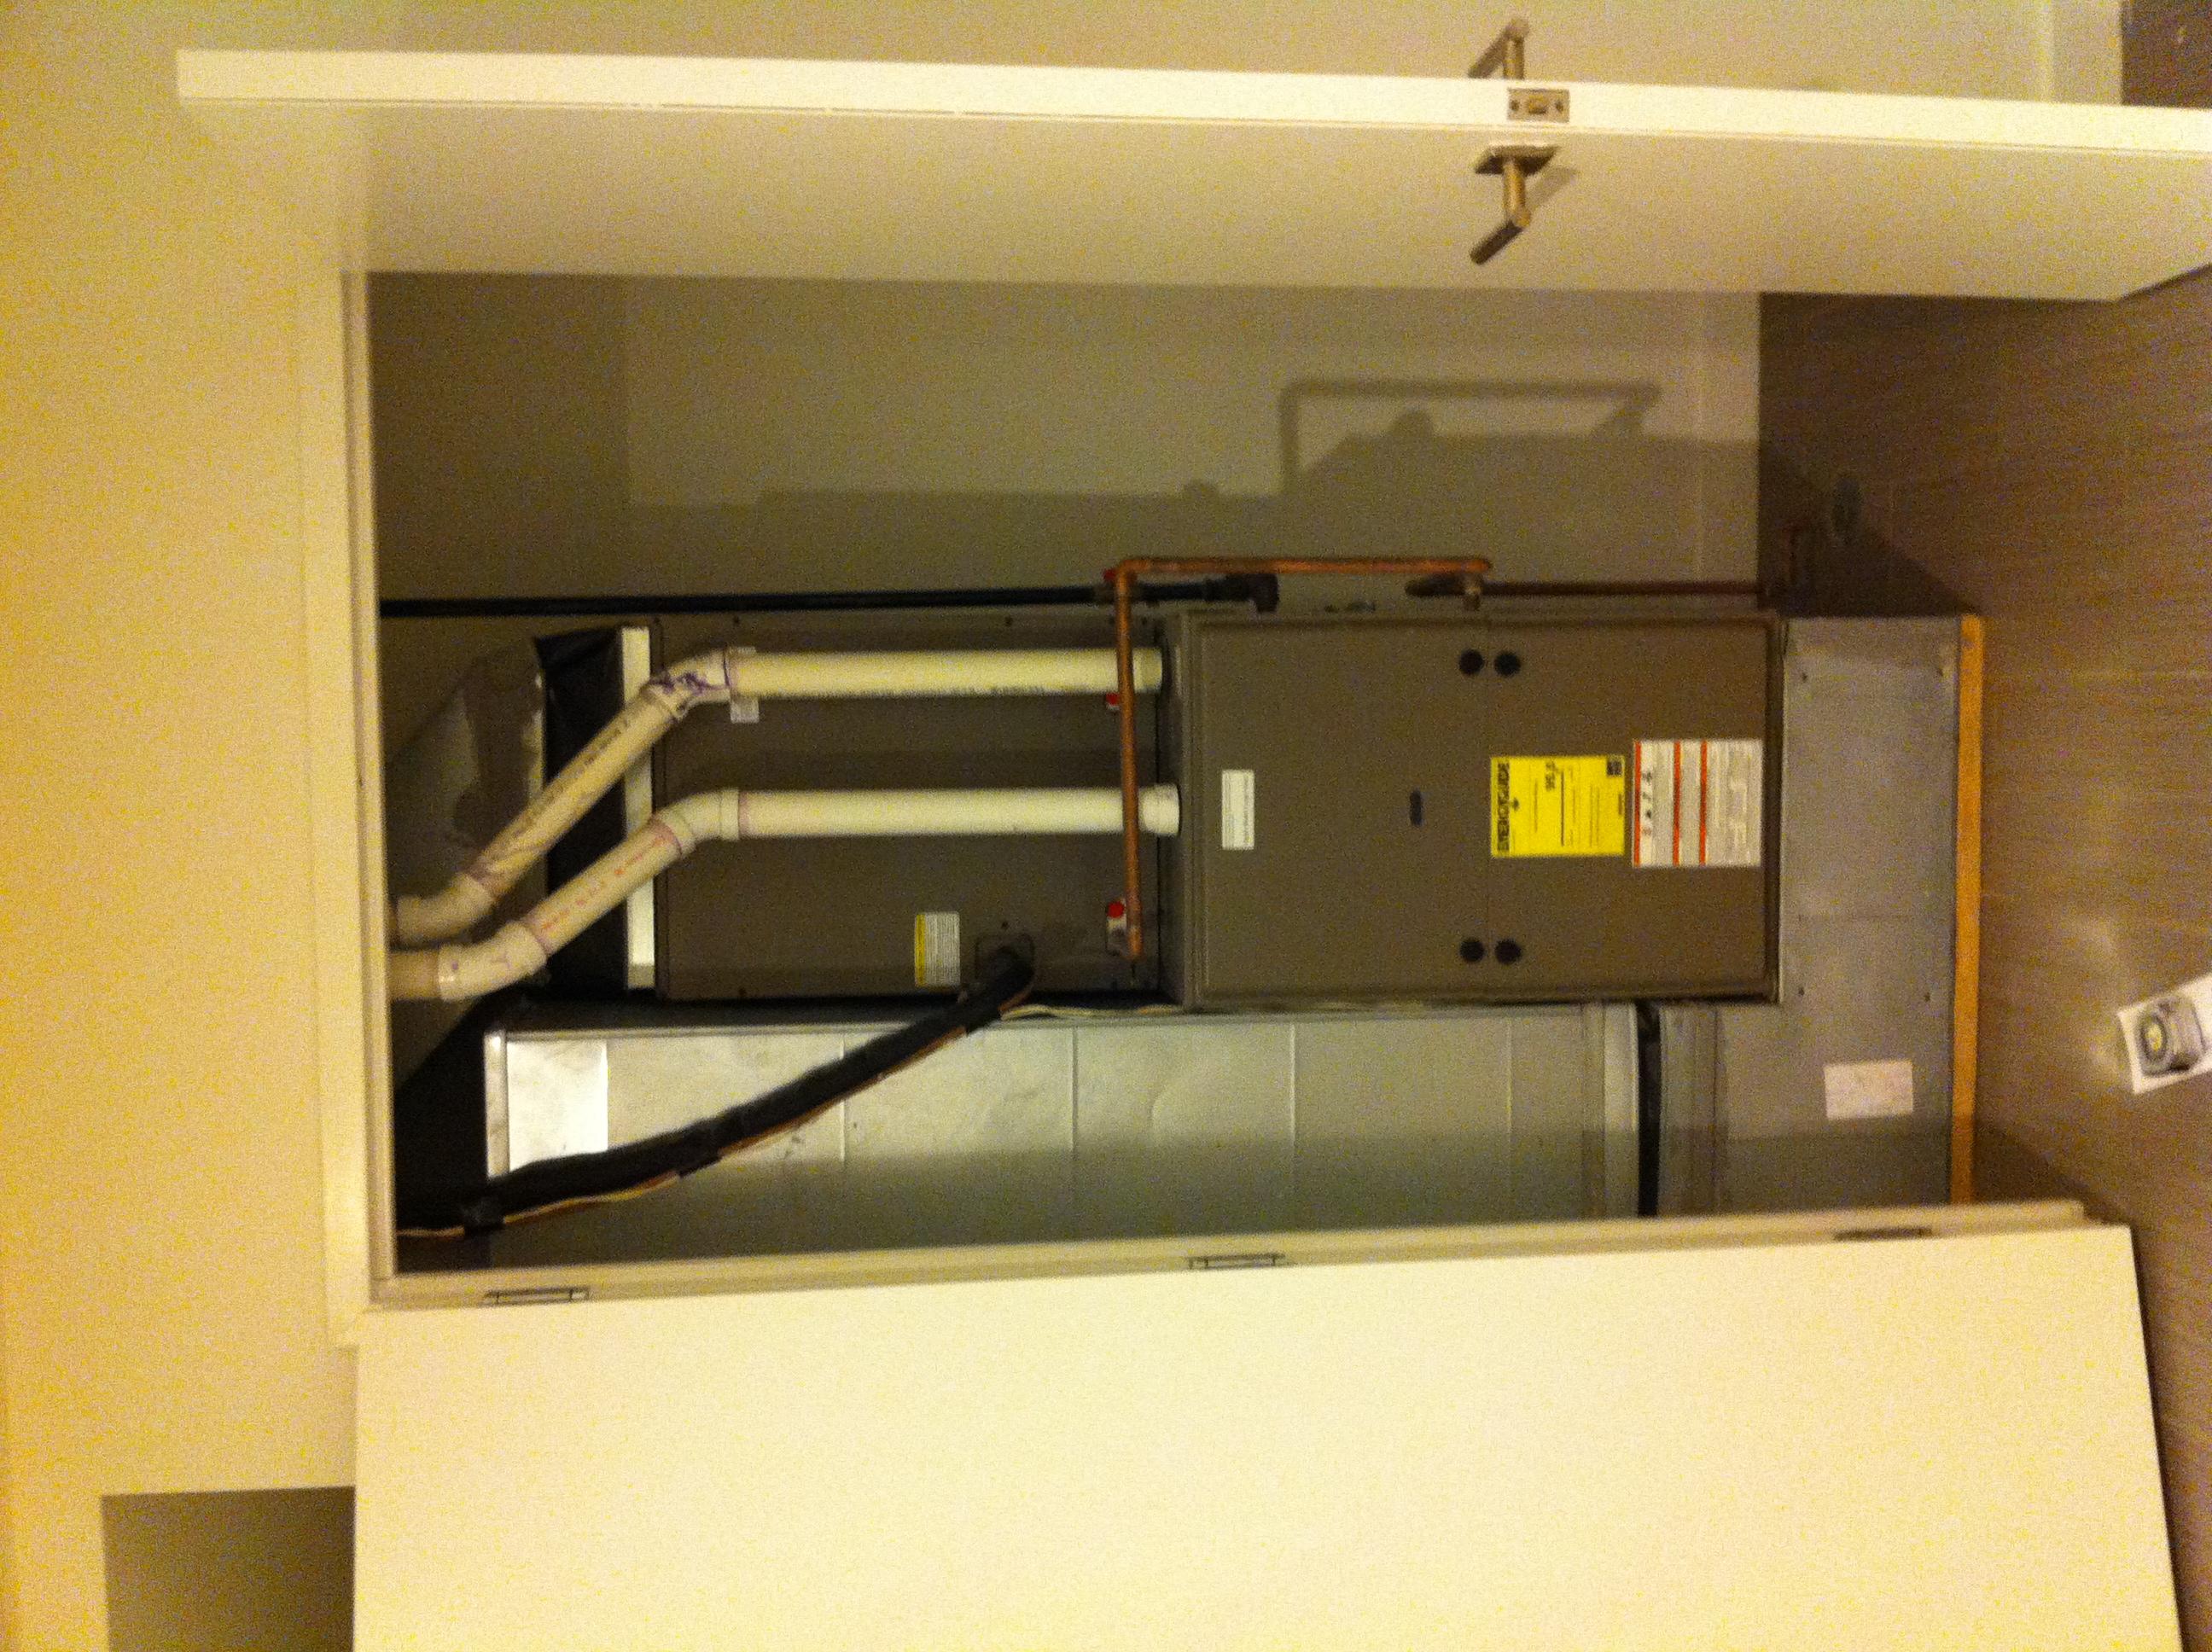 HVAC/Air Handler Closet Img_2179 ...